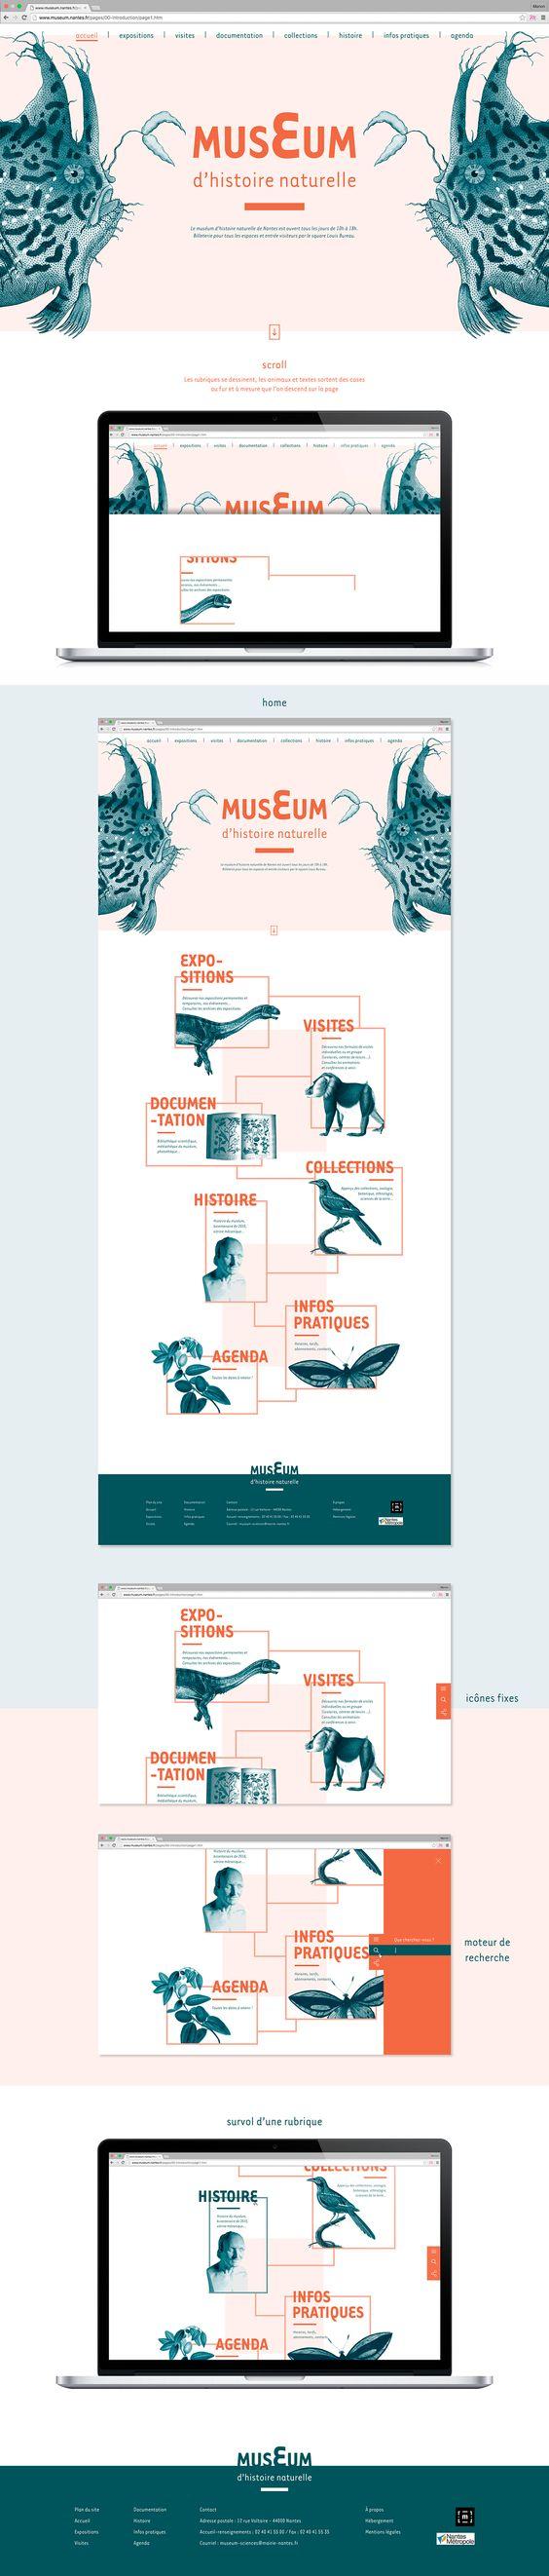 Manon Moreau web design // playful contrast colours